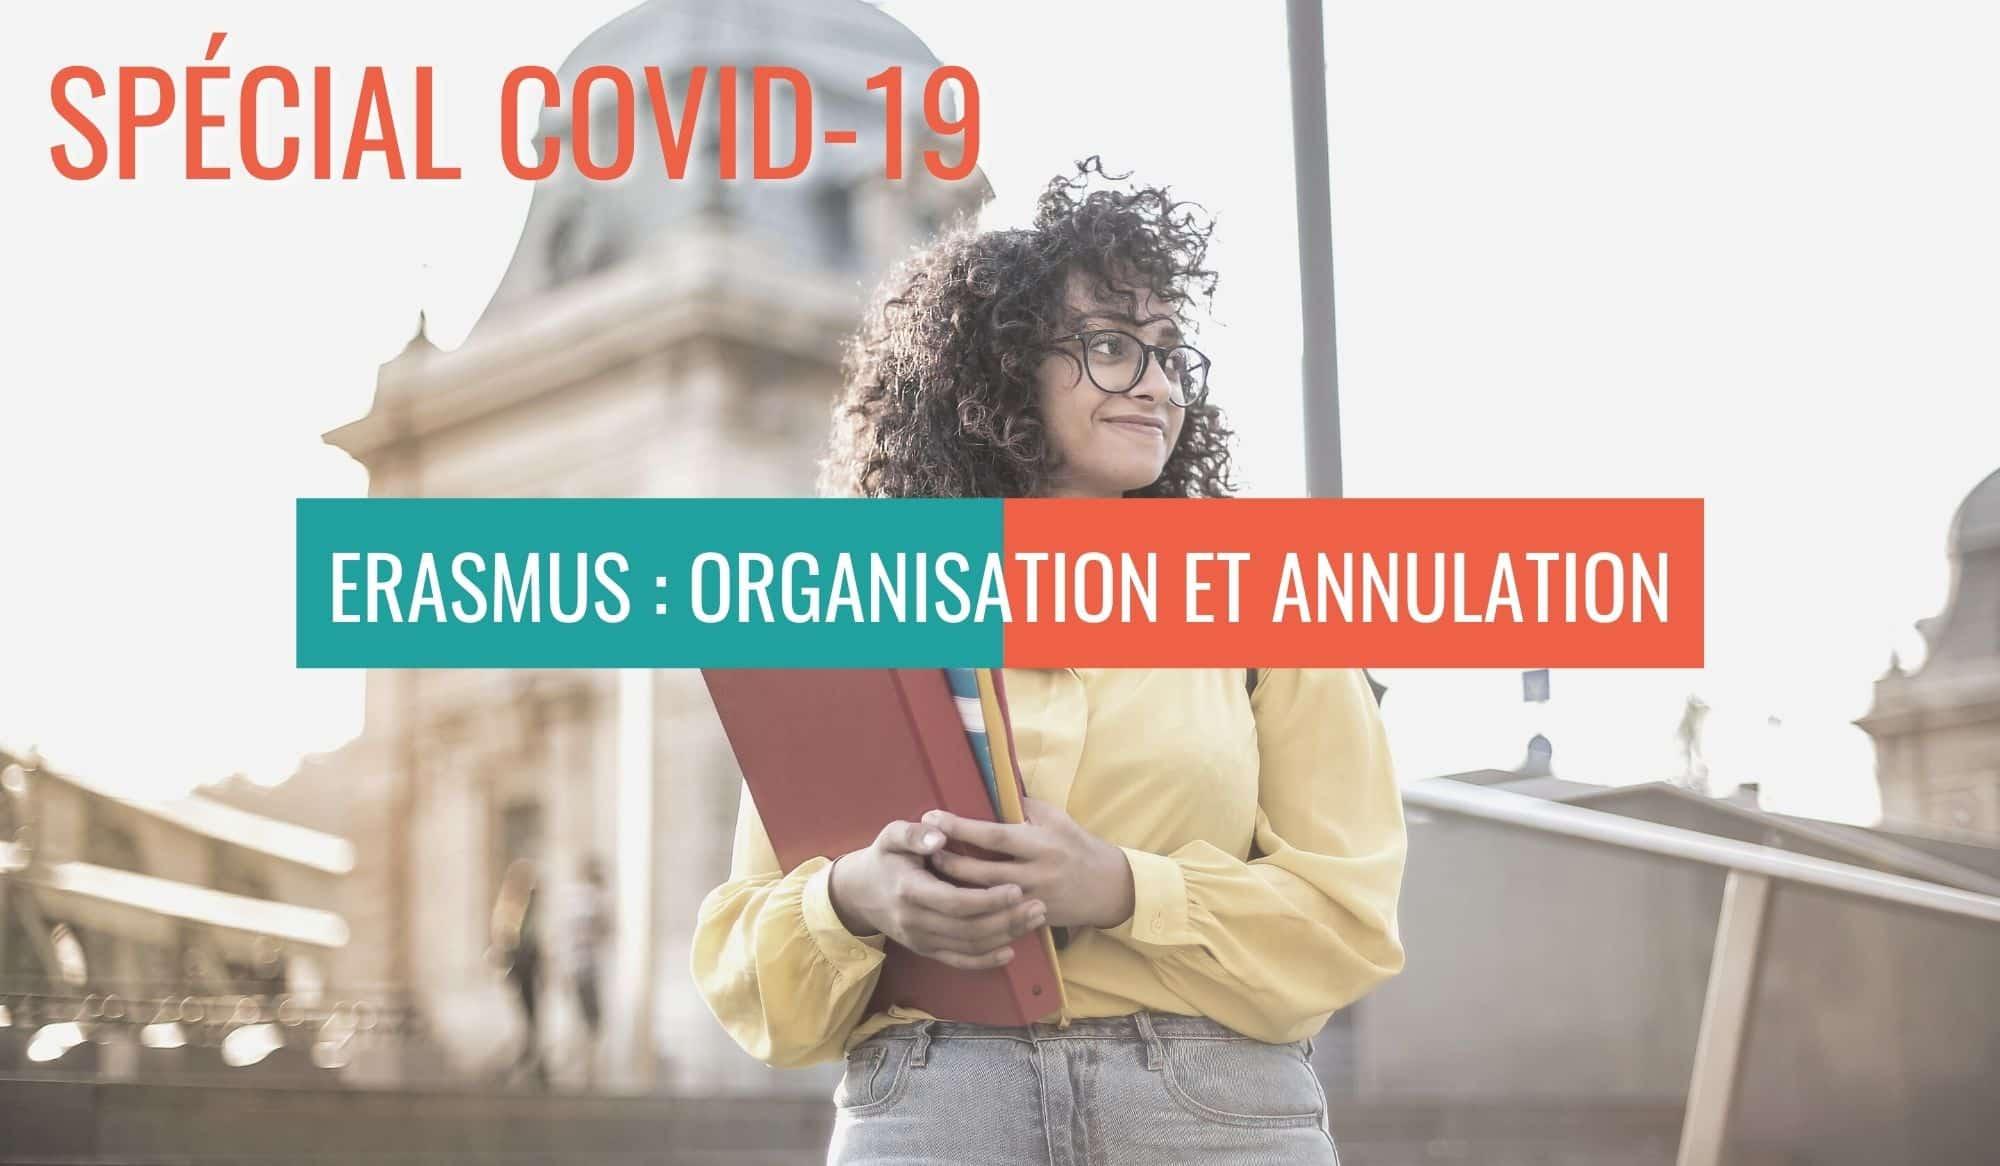 Erasmus: organisation et annulation